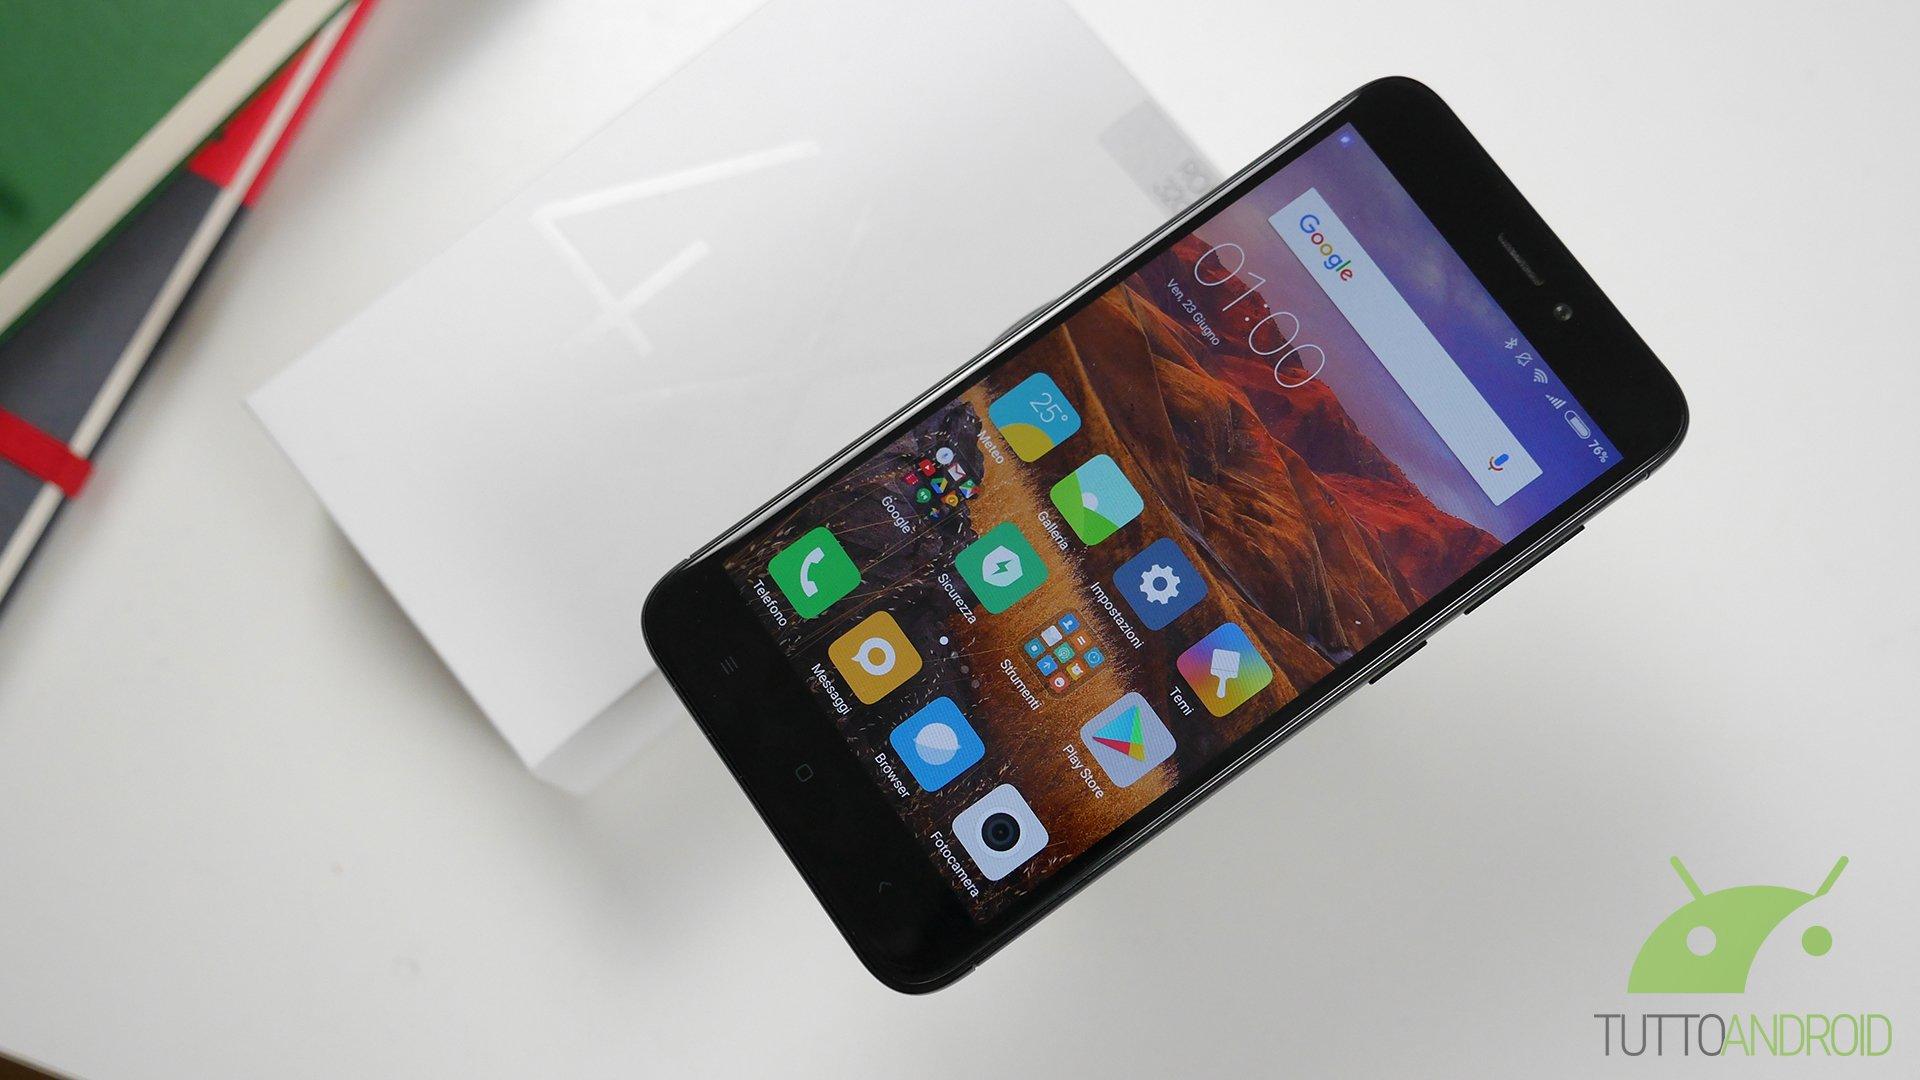 Xiaomi alla conquista dell'Italia: smartphone in vendita anche da Esselunga